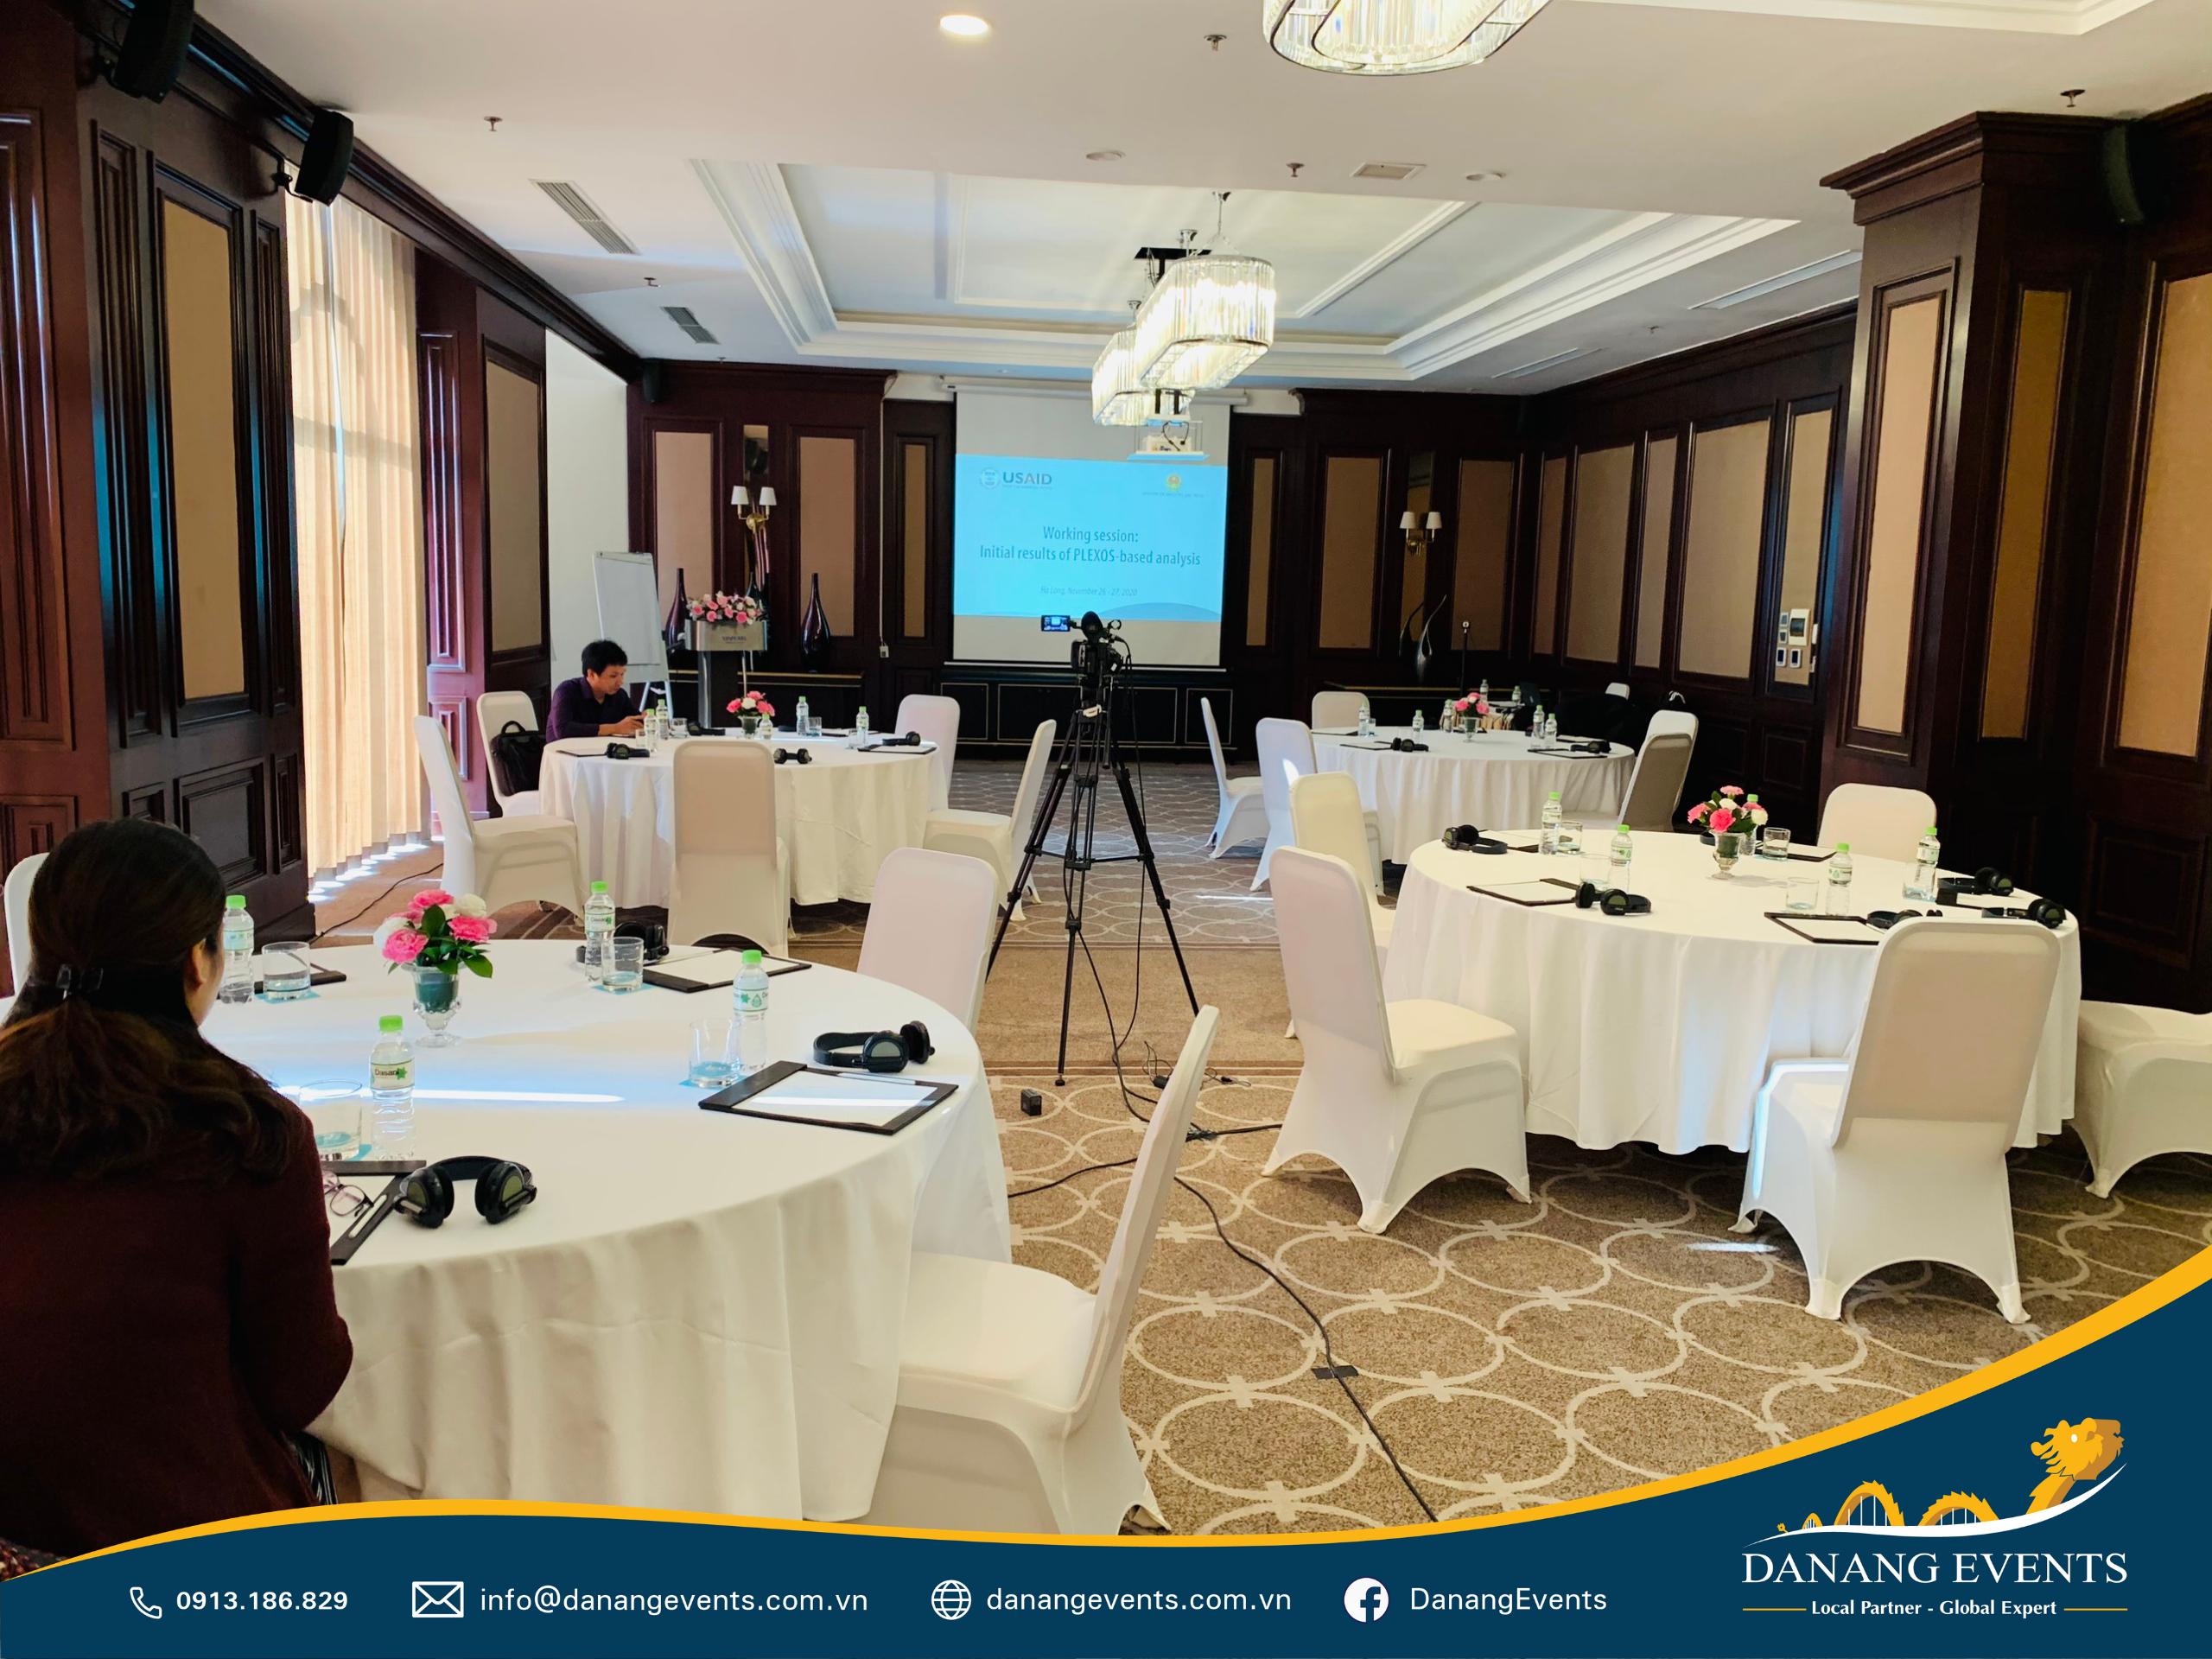 Danang Events - Đơn vị tổ chức hội nghị trực tuyến chuyên nghiệp